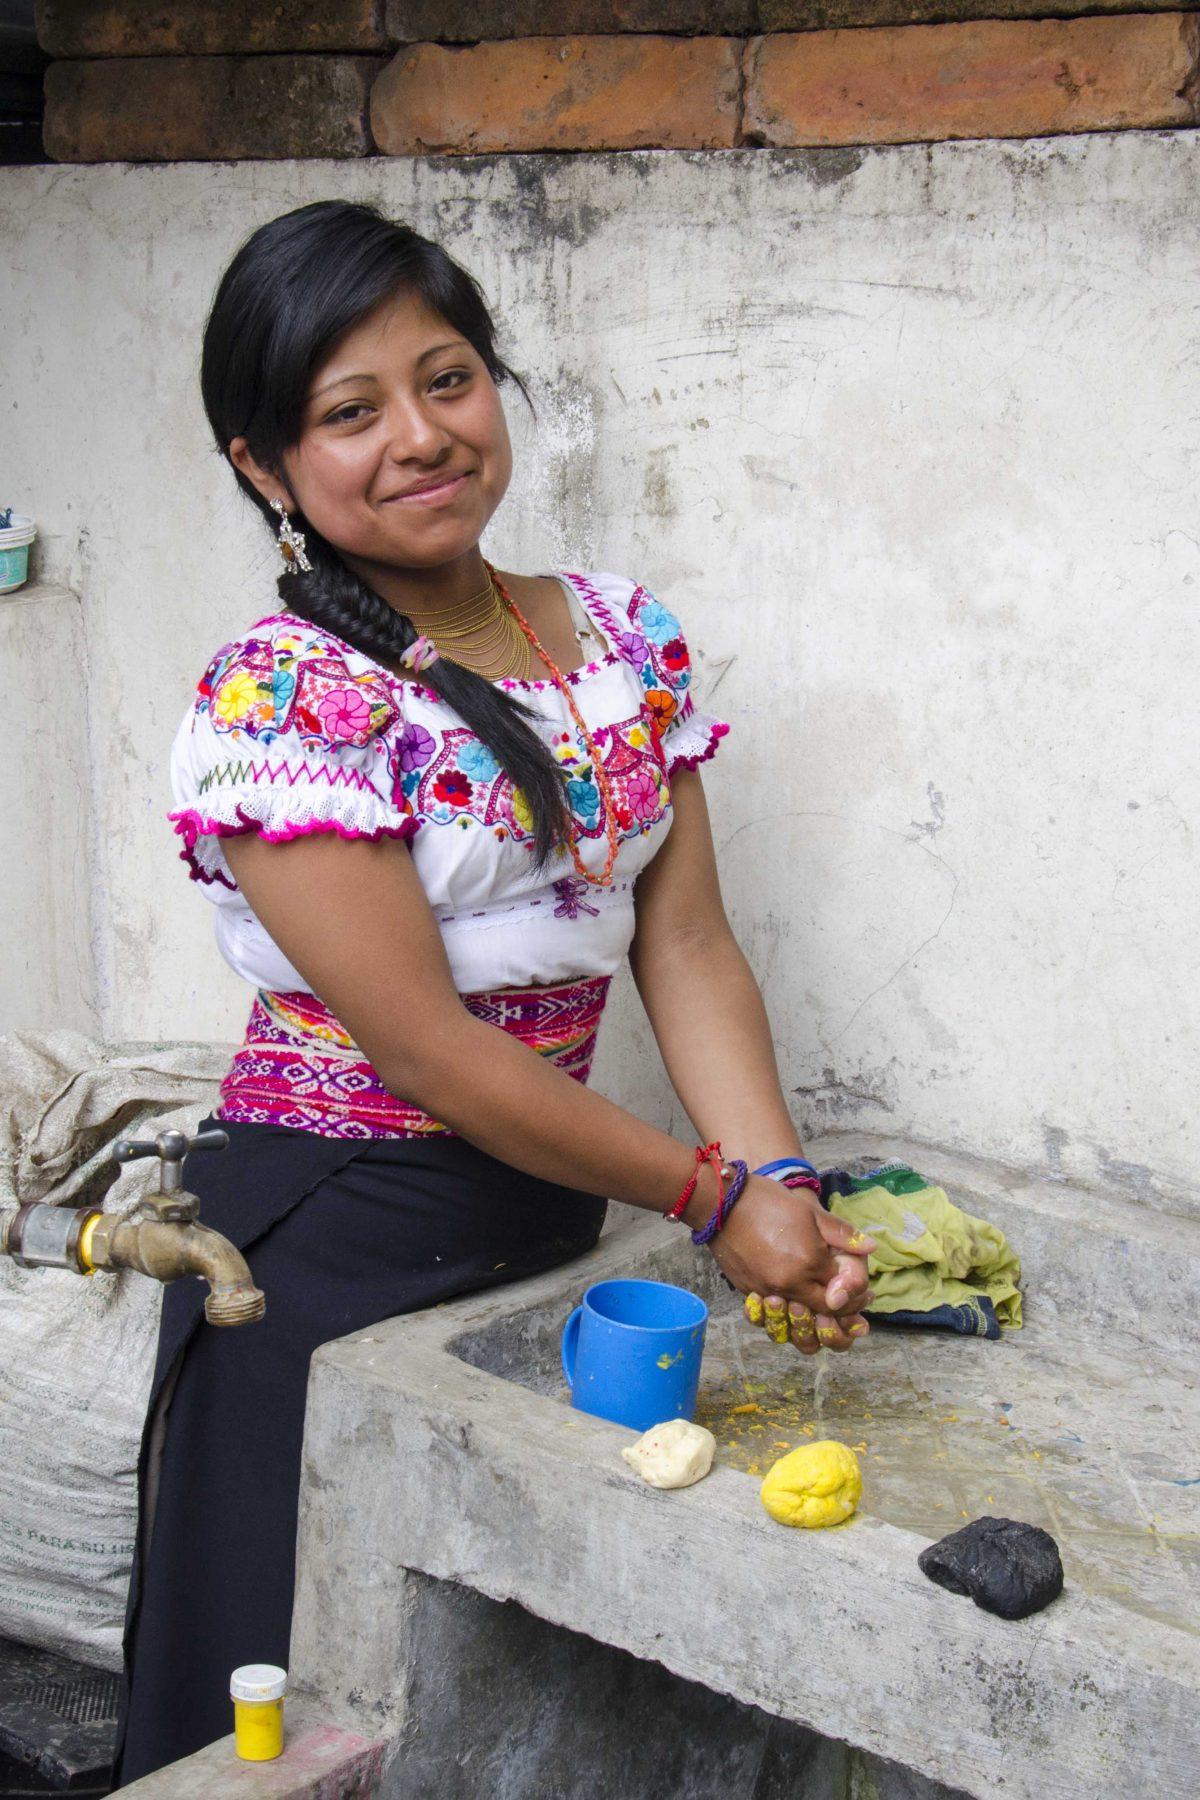 Adding dye to bread dough for Guaguas de Pan, Peguche, Ecuador | ©Angela Drake